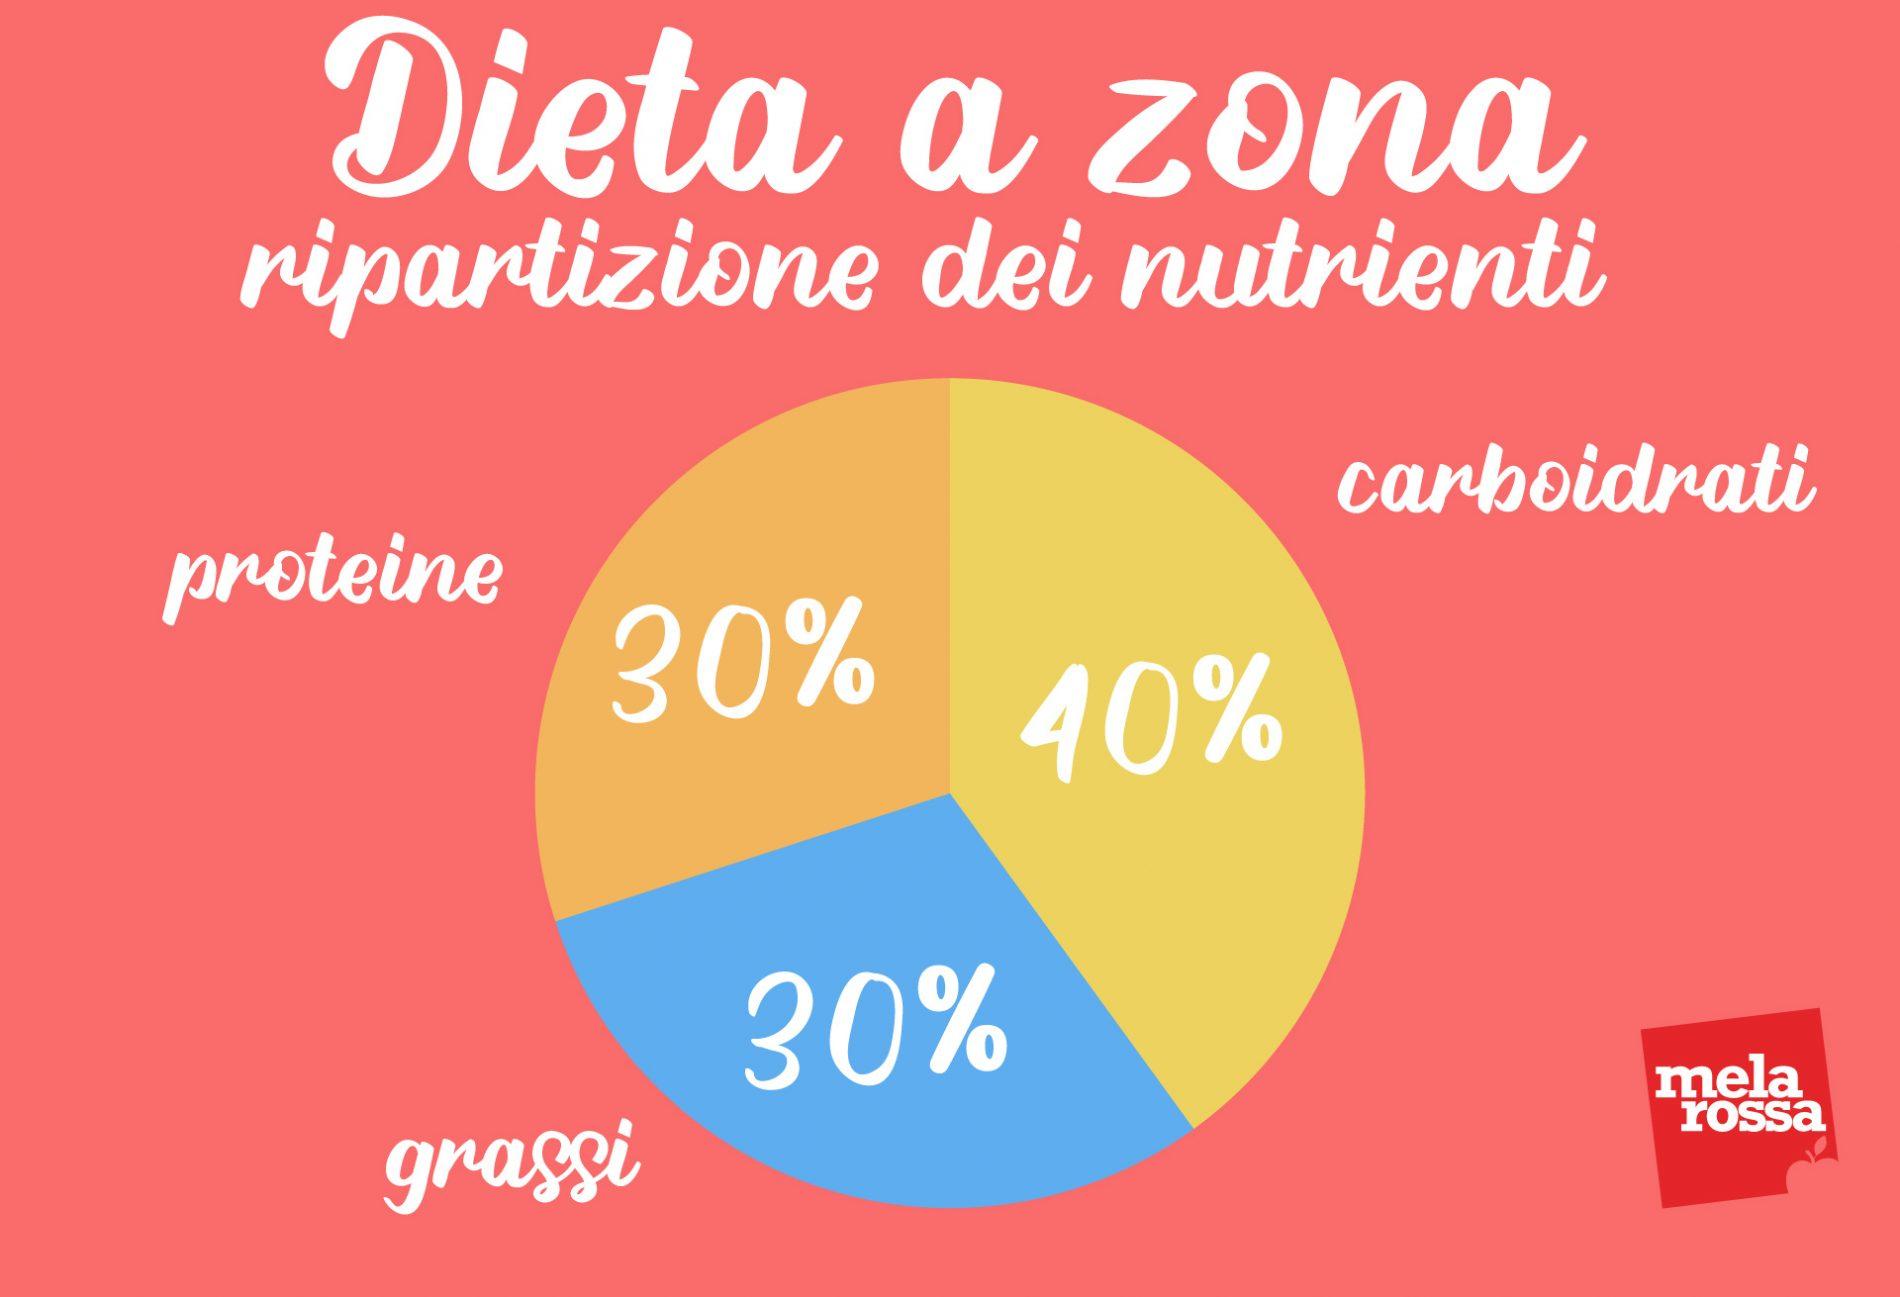 dieta a zona: ripartizione dei nutrienti